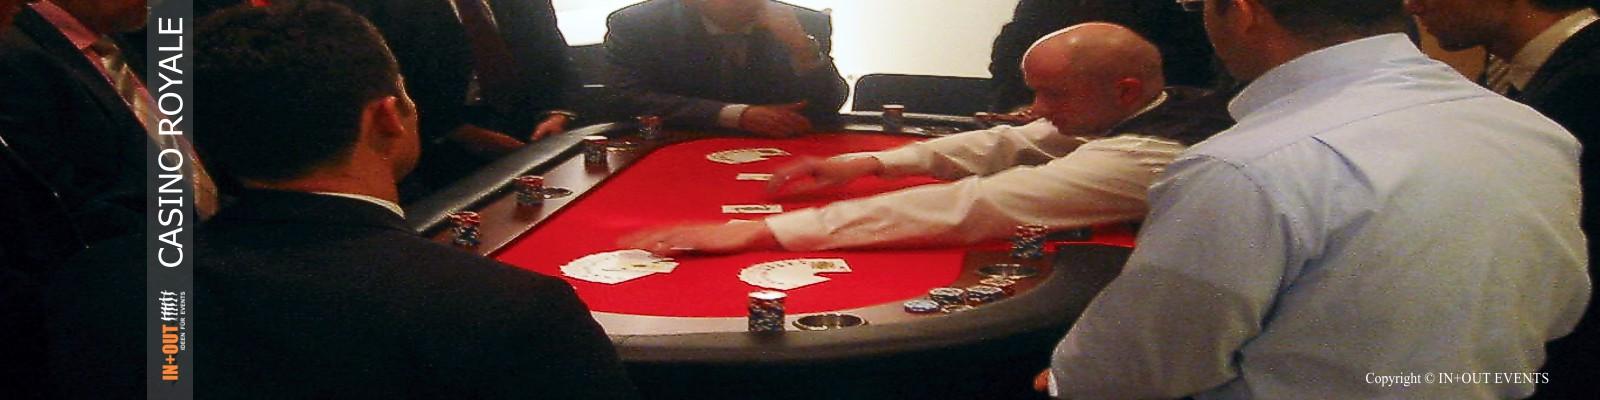 casino glücksrad